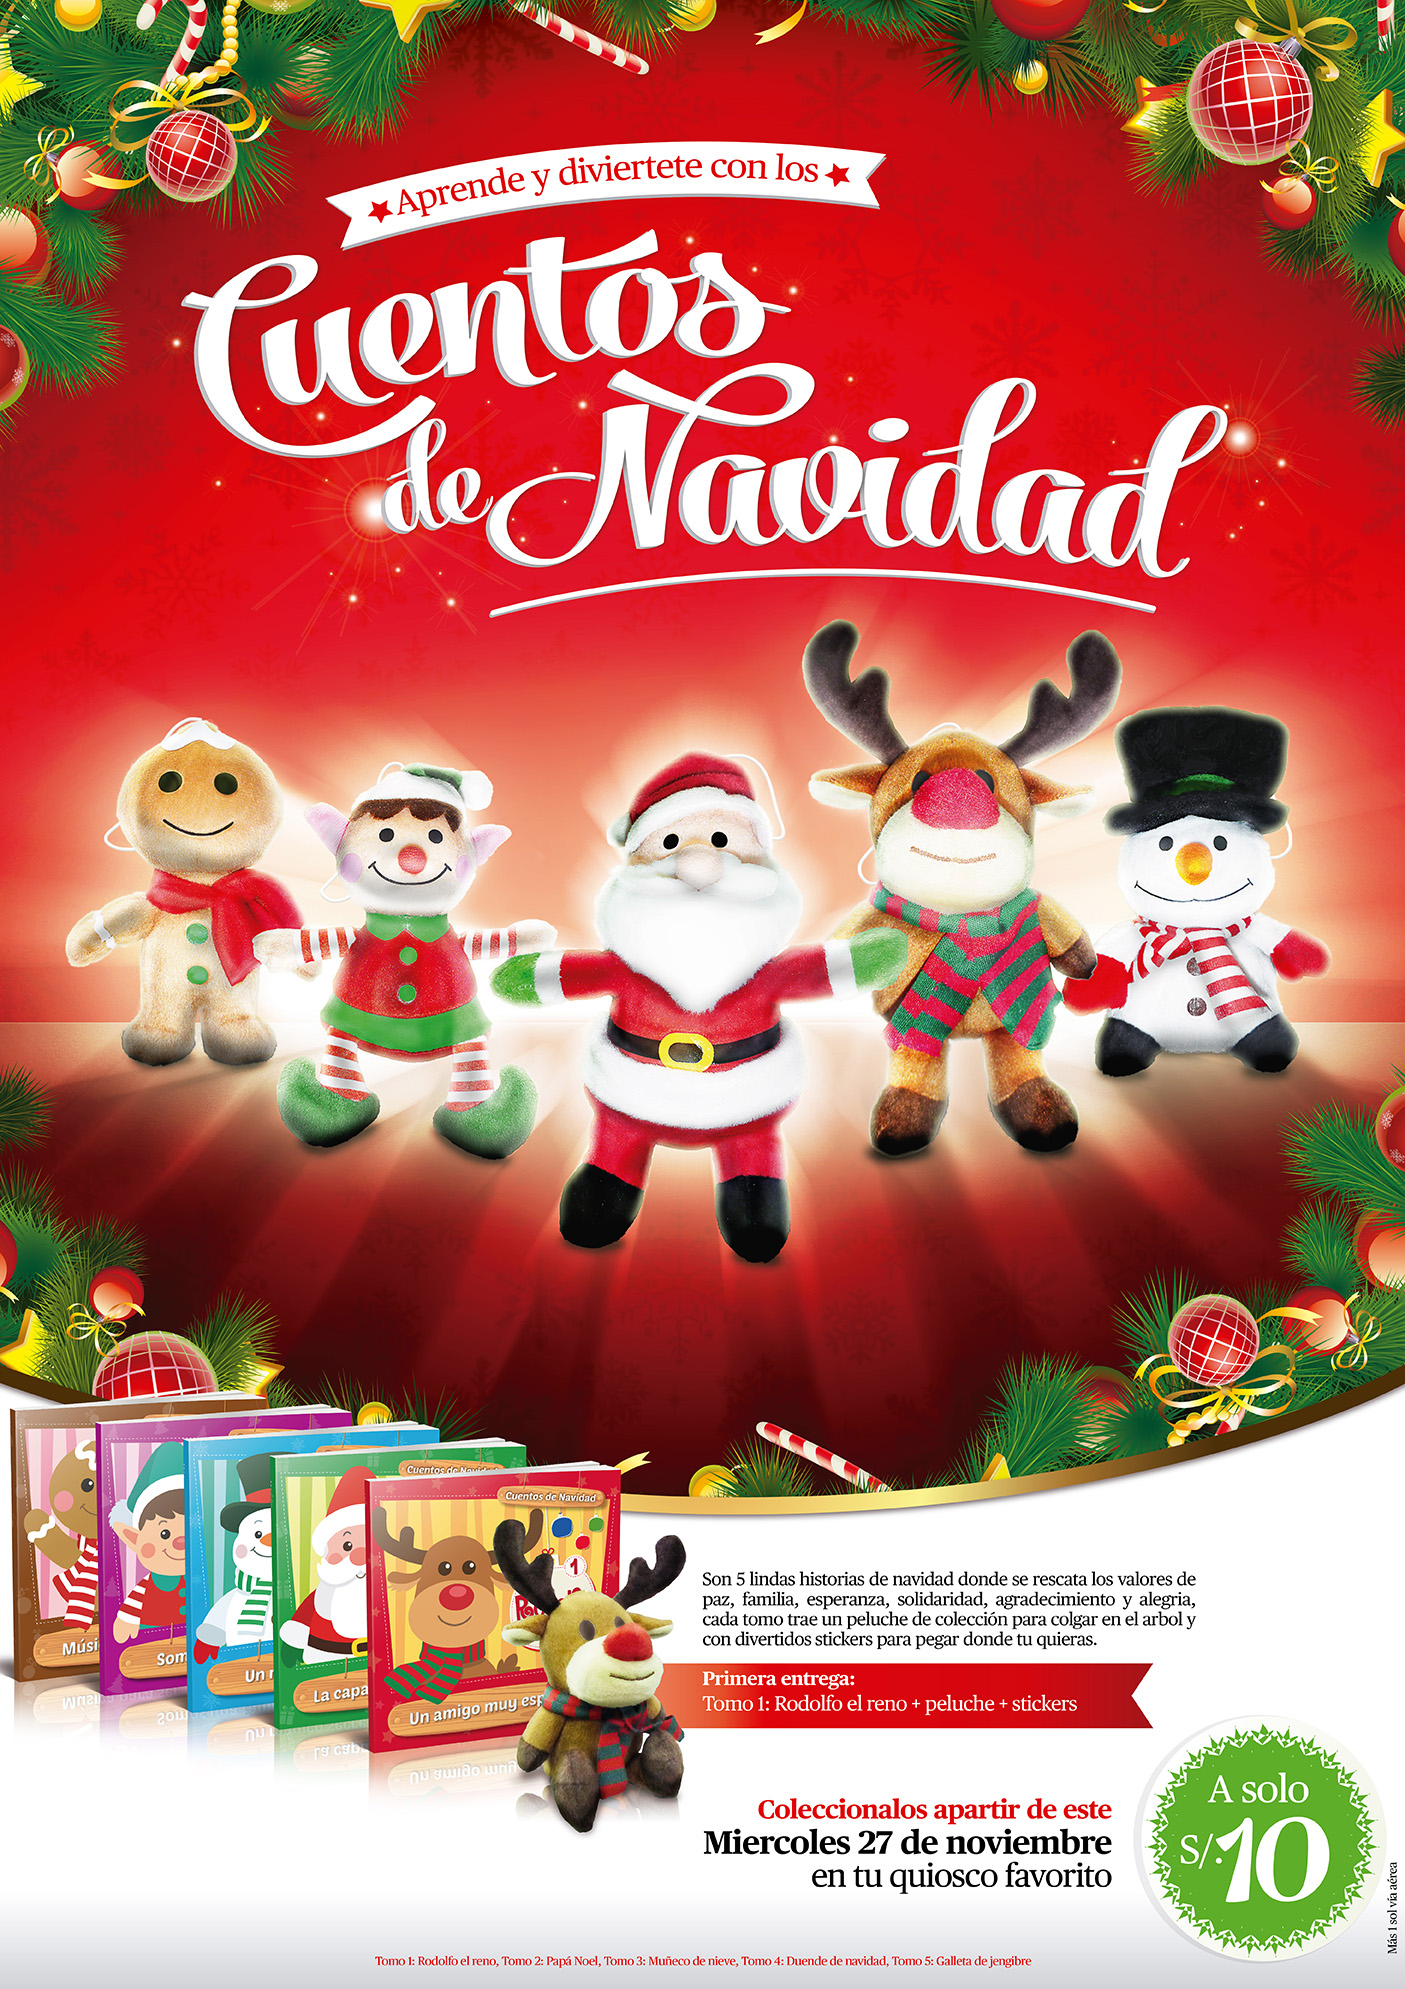 Cuentos de navidad | Juan Andres Sime Andrade